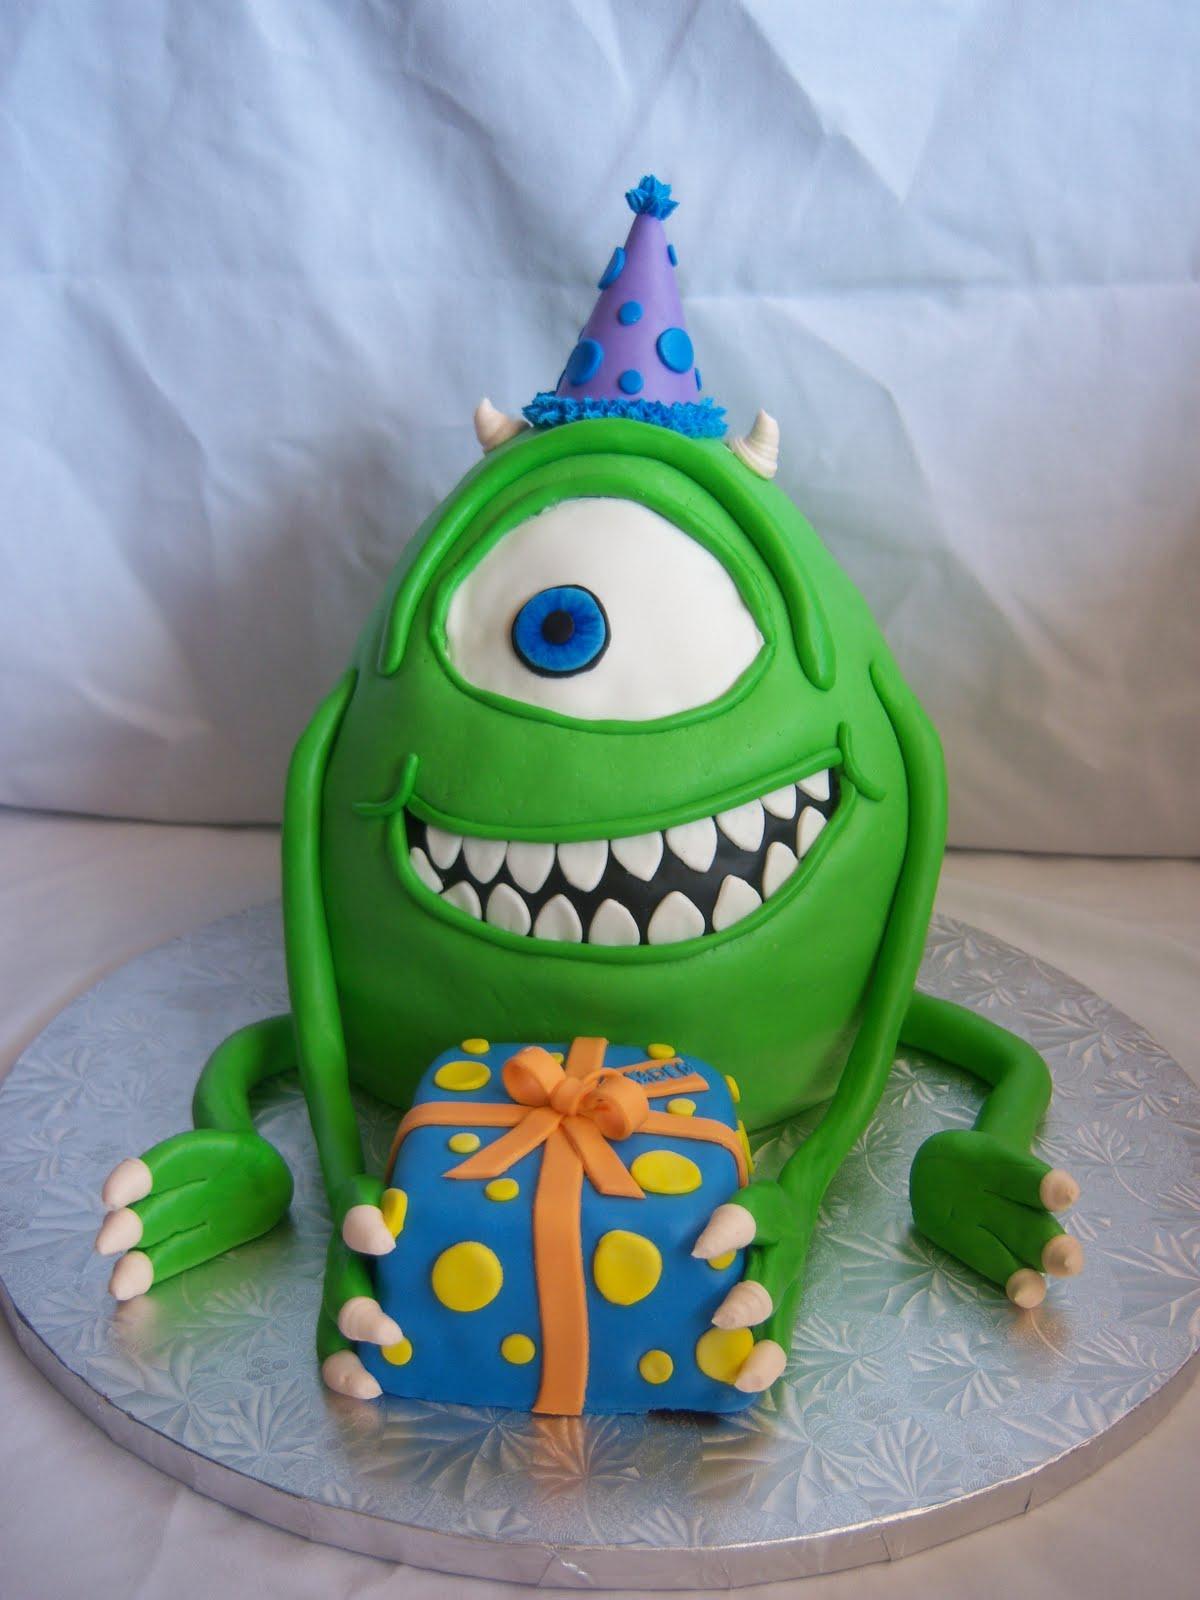 Mike Wazowski Cake Decorations